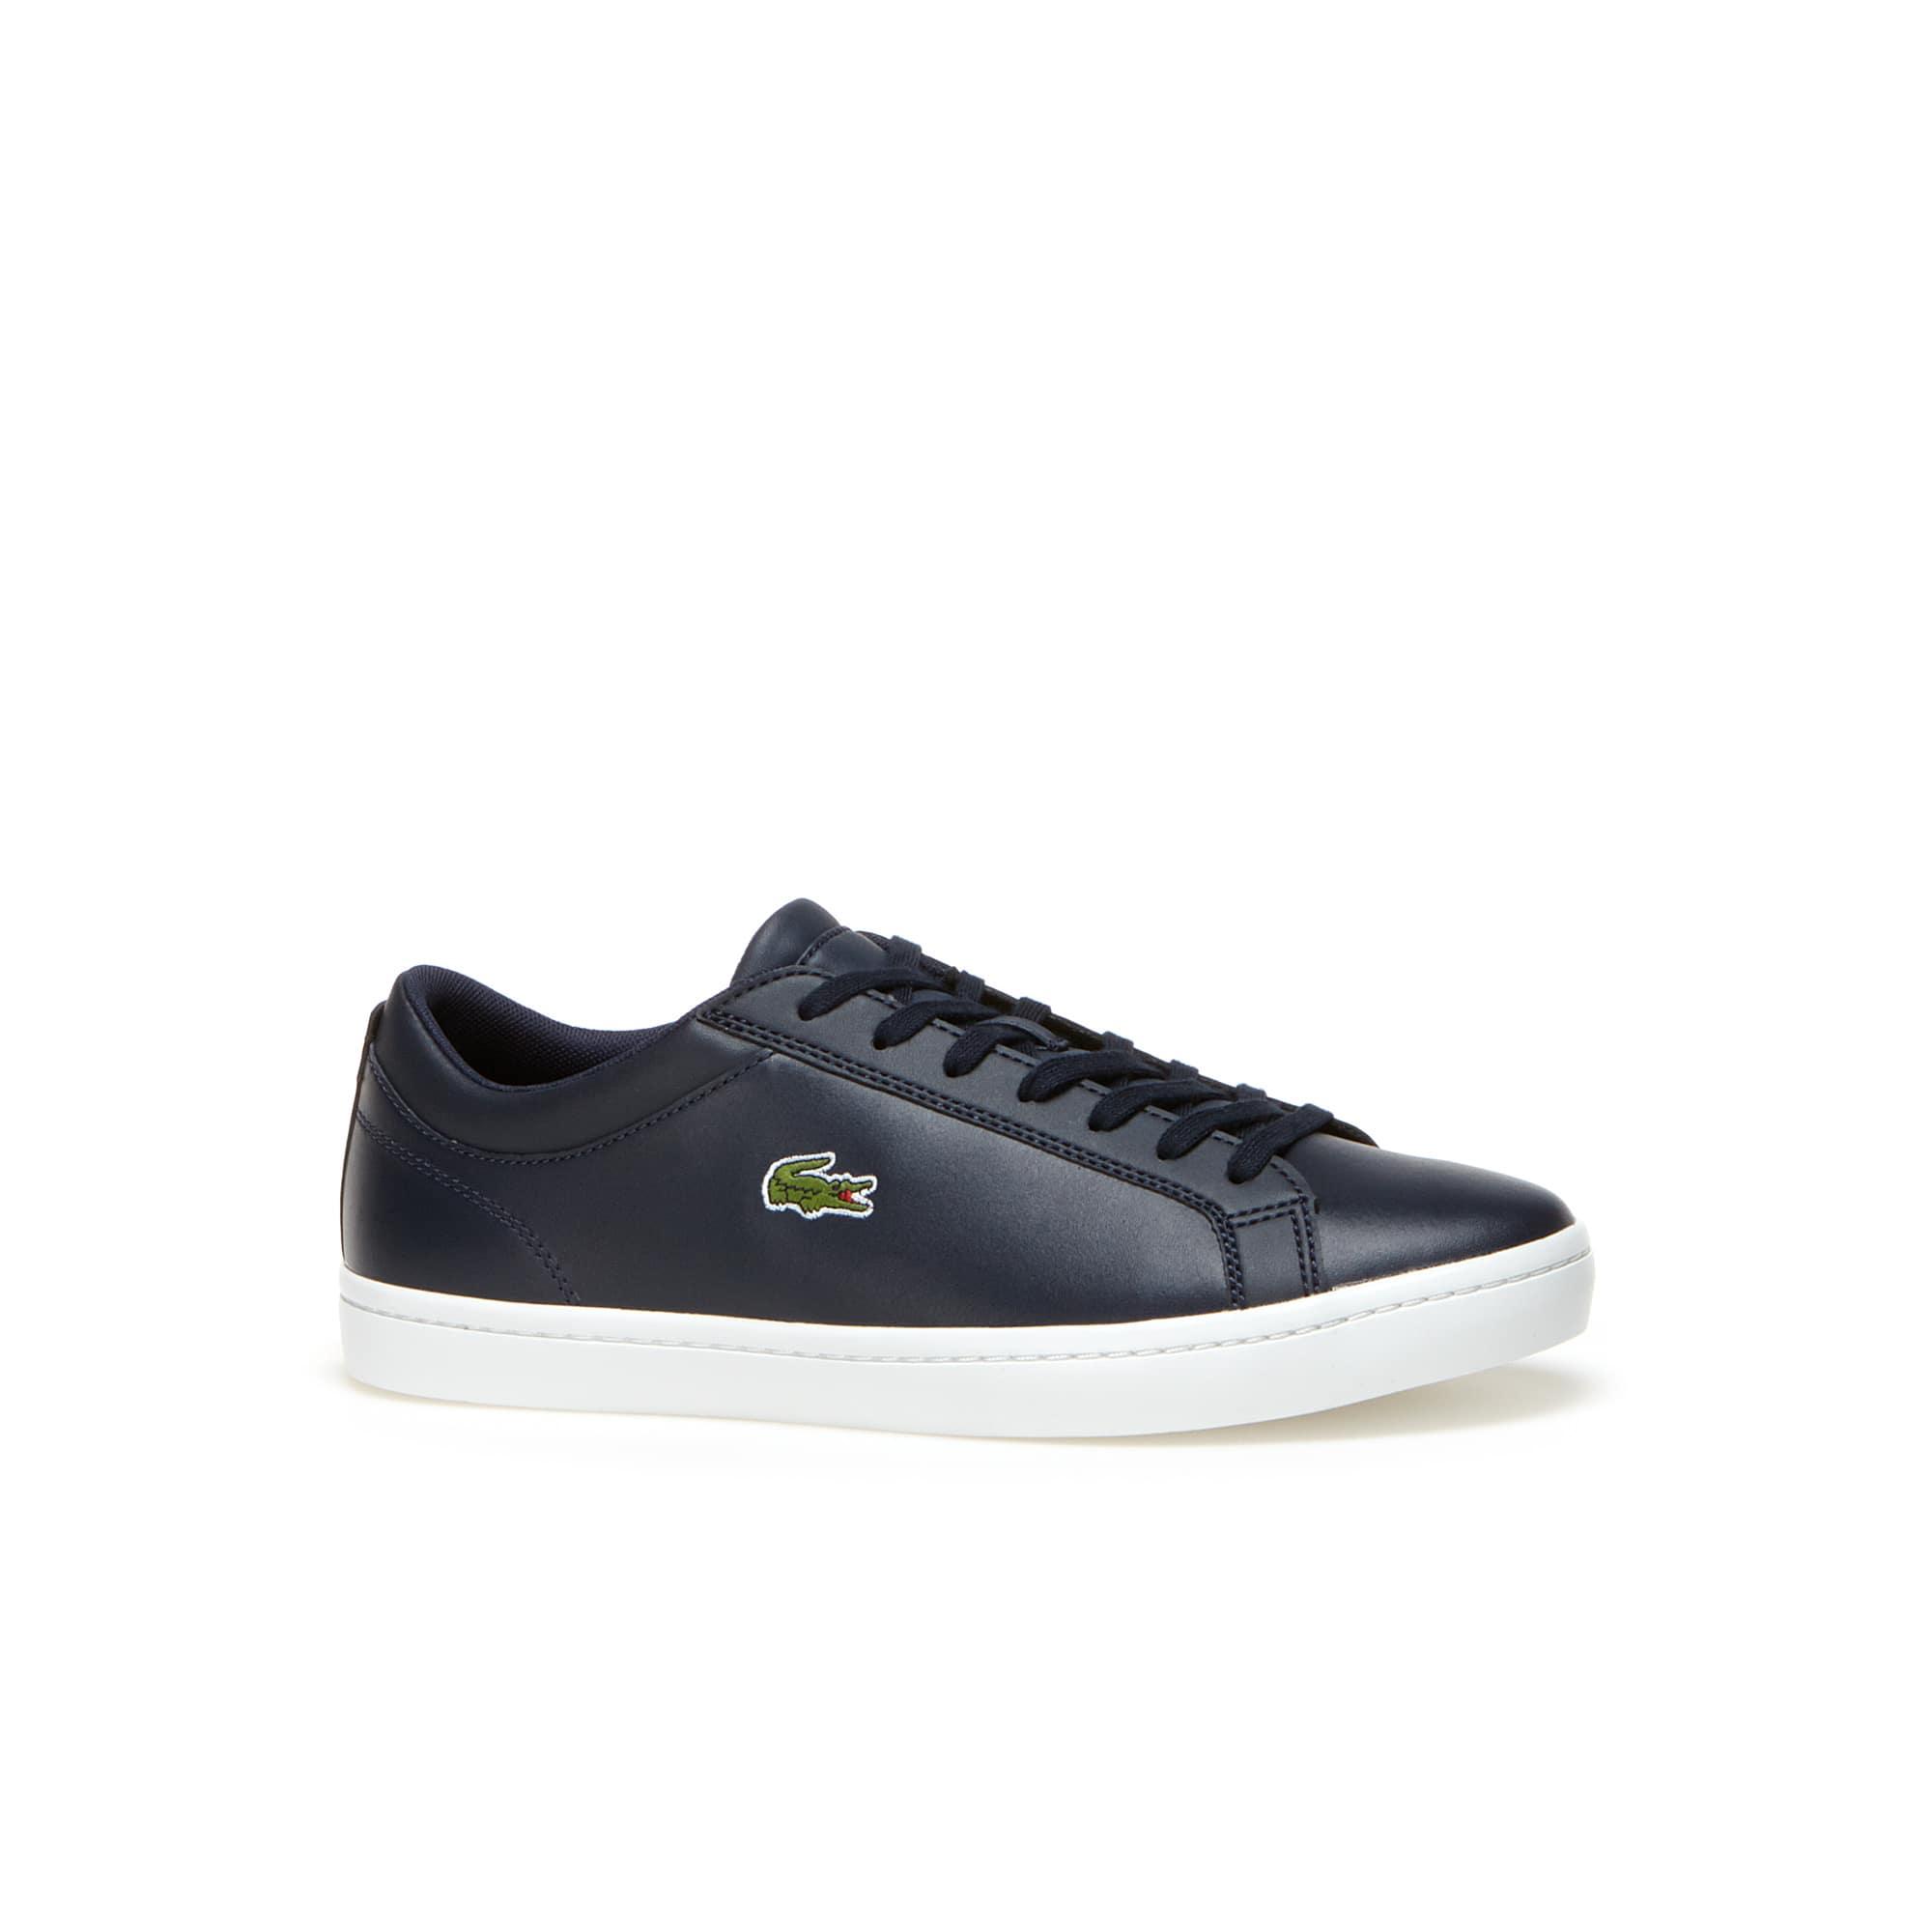 d482e2f6 Zapatillas para hombre | Calzado para hombre | LACOSTE